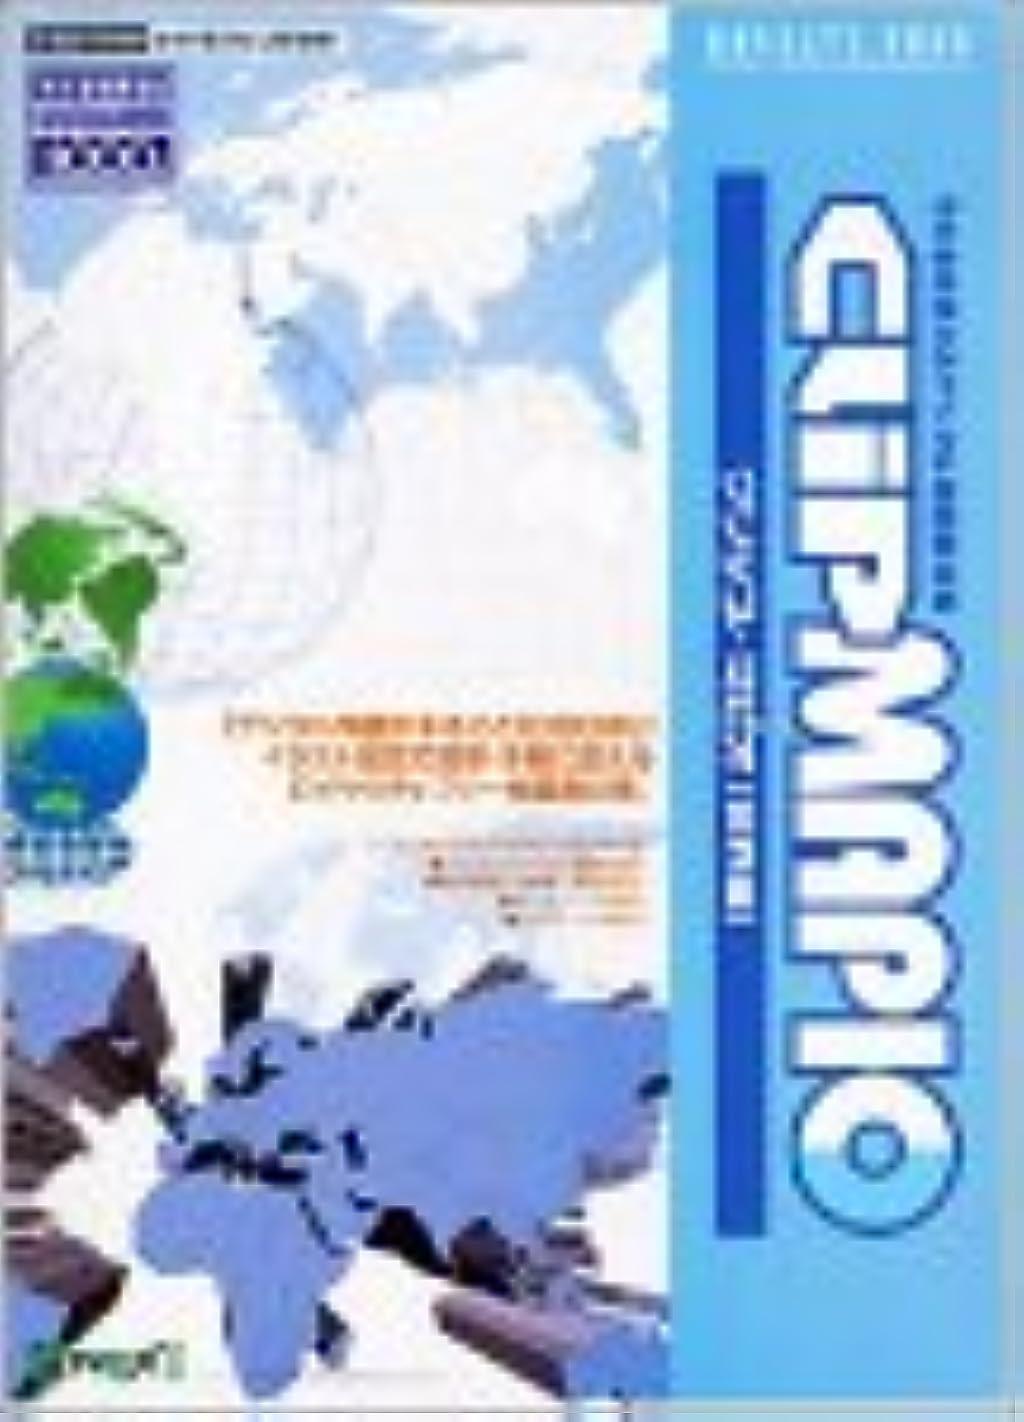 Clip MAPIO 世界編